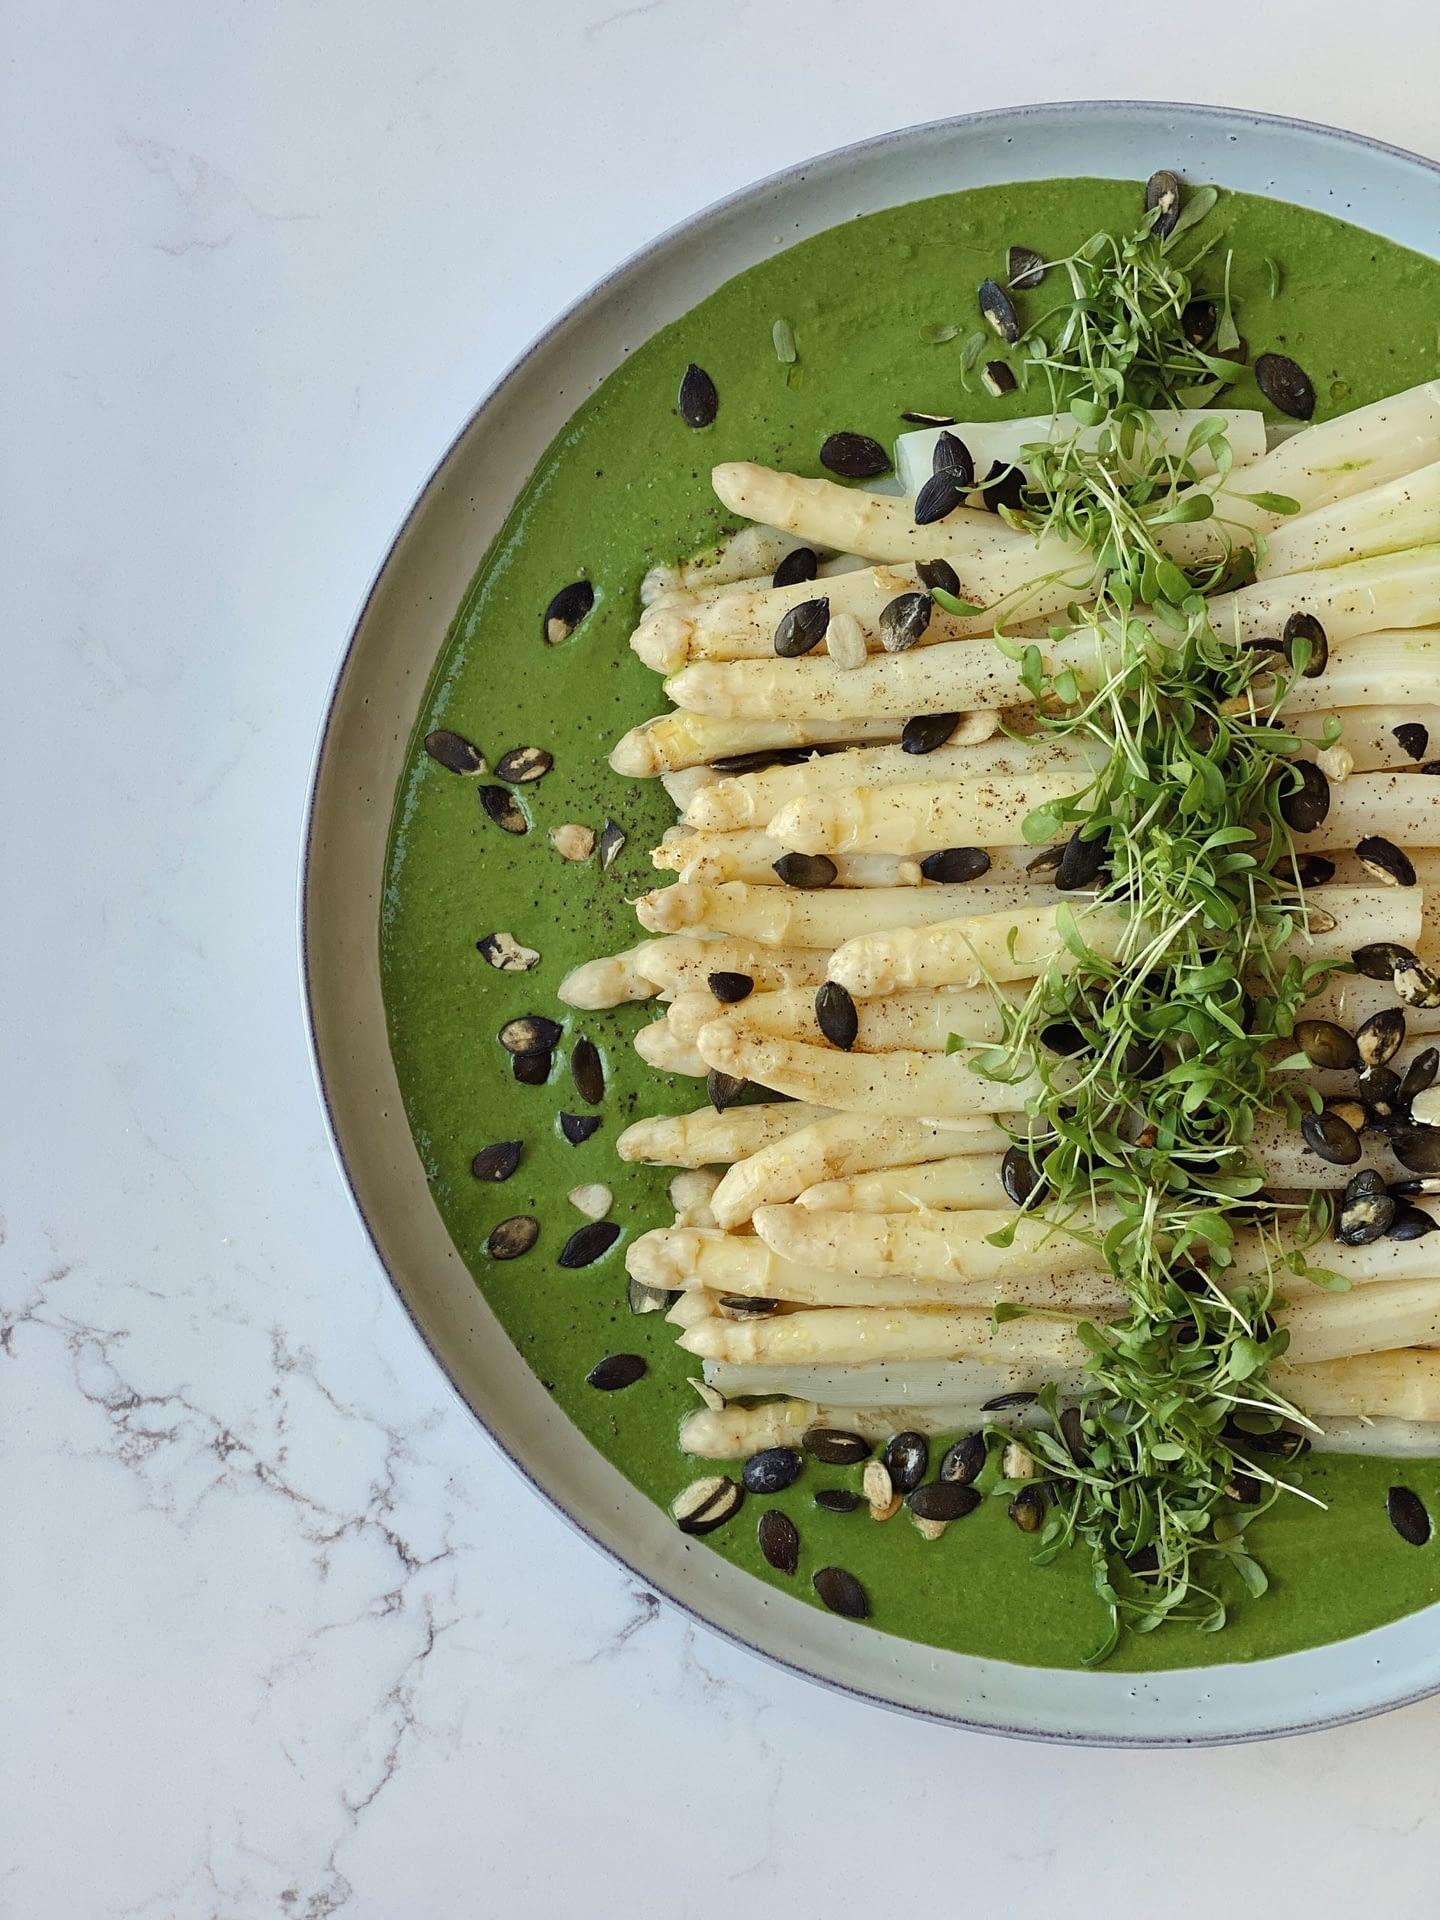 Asperges blanches, sauce verte au parmesan